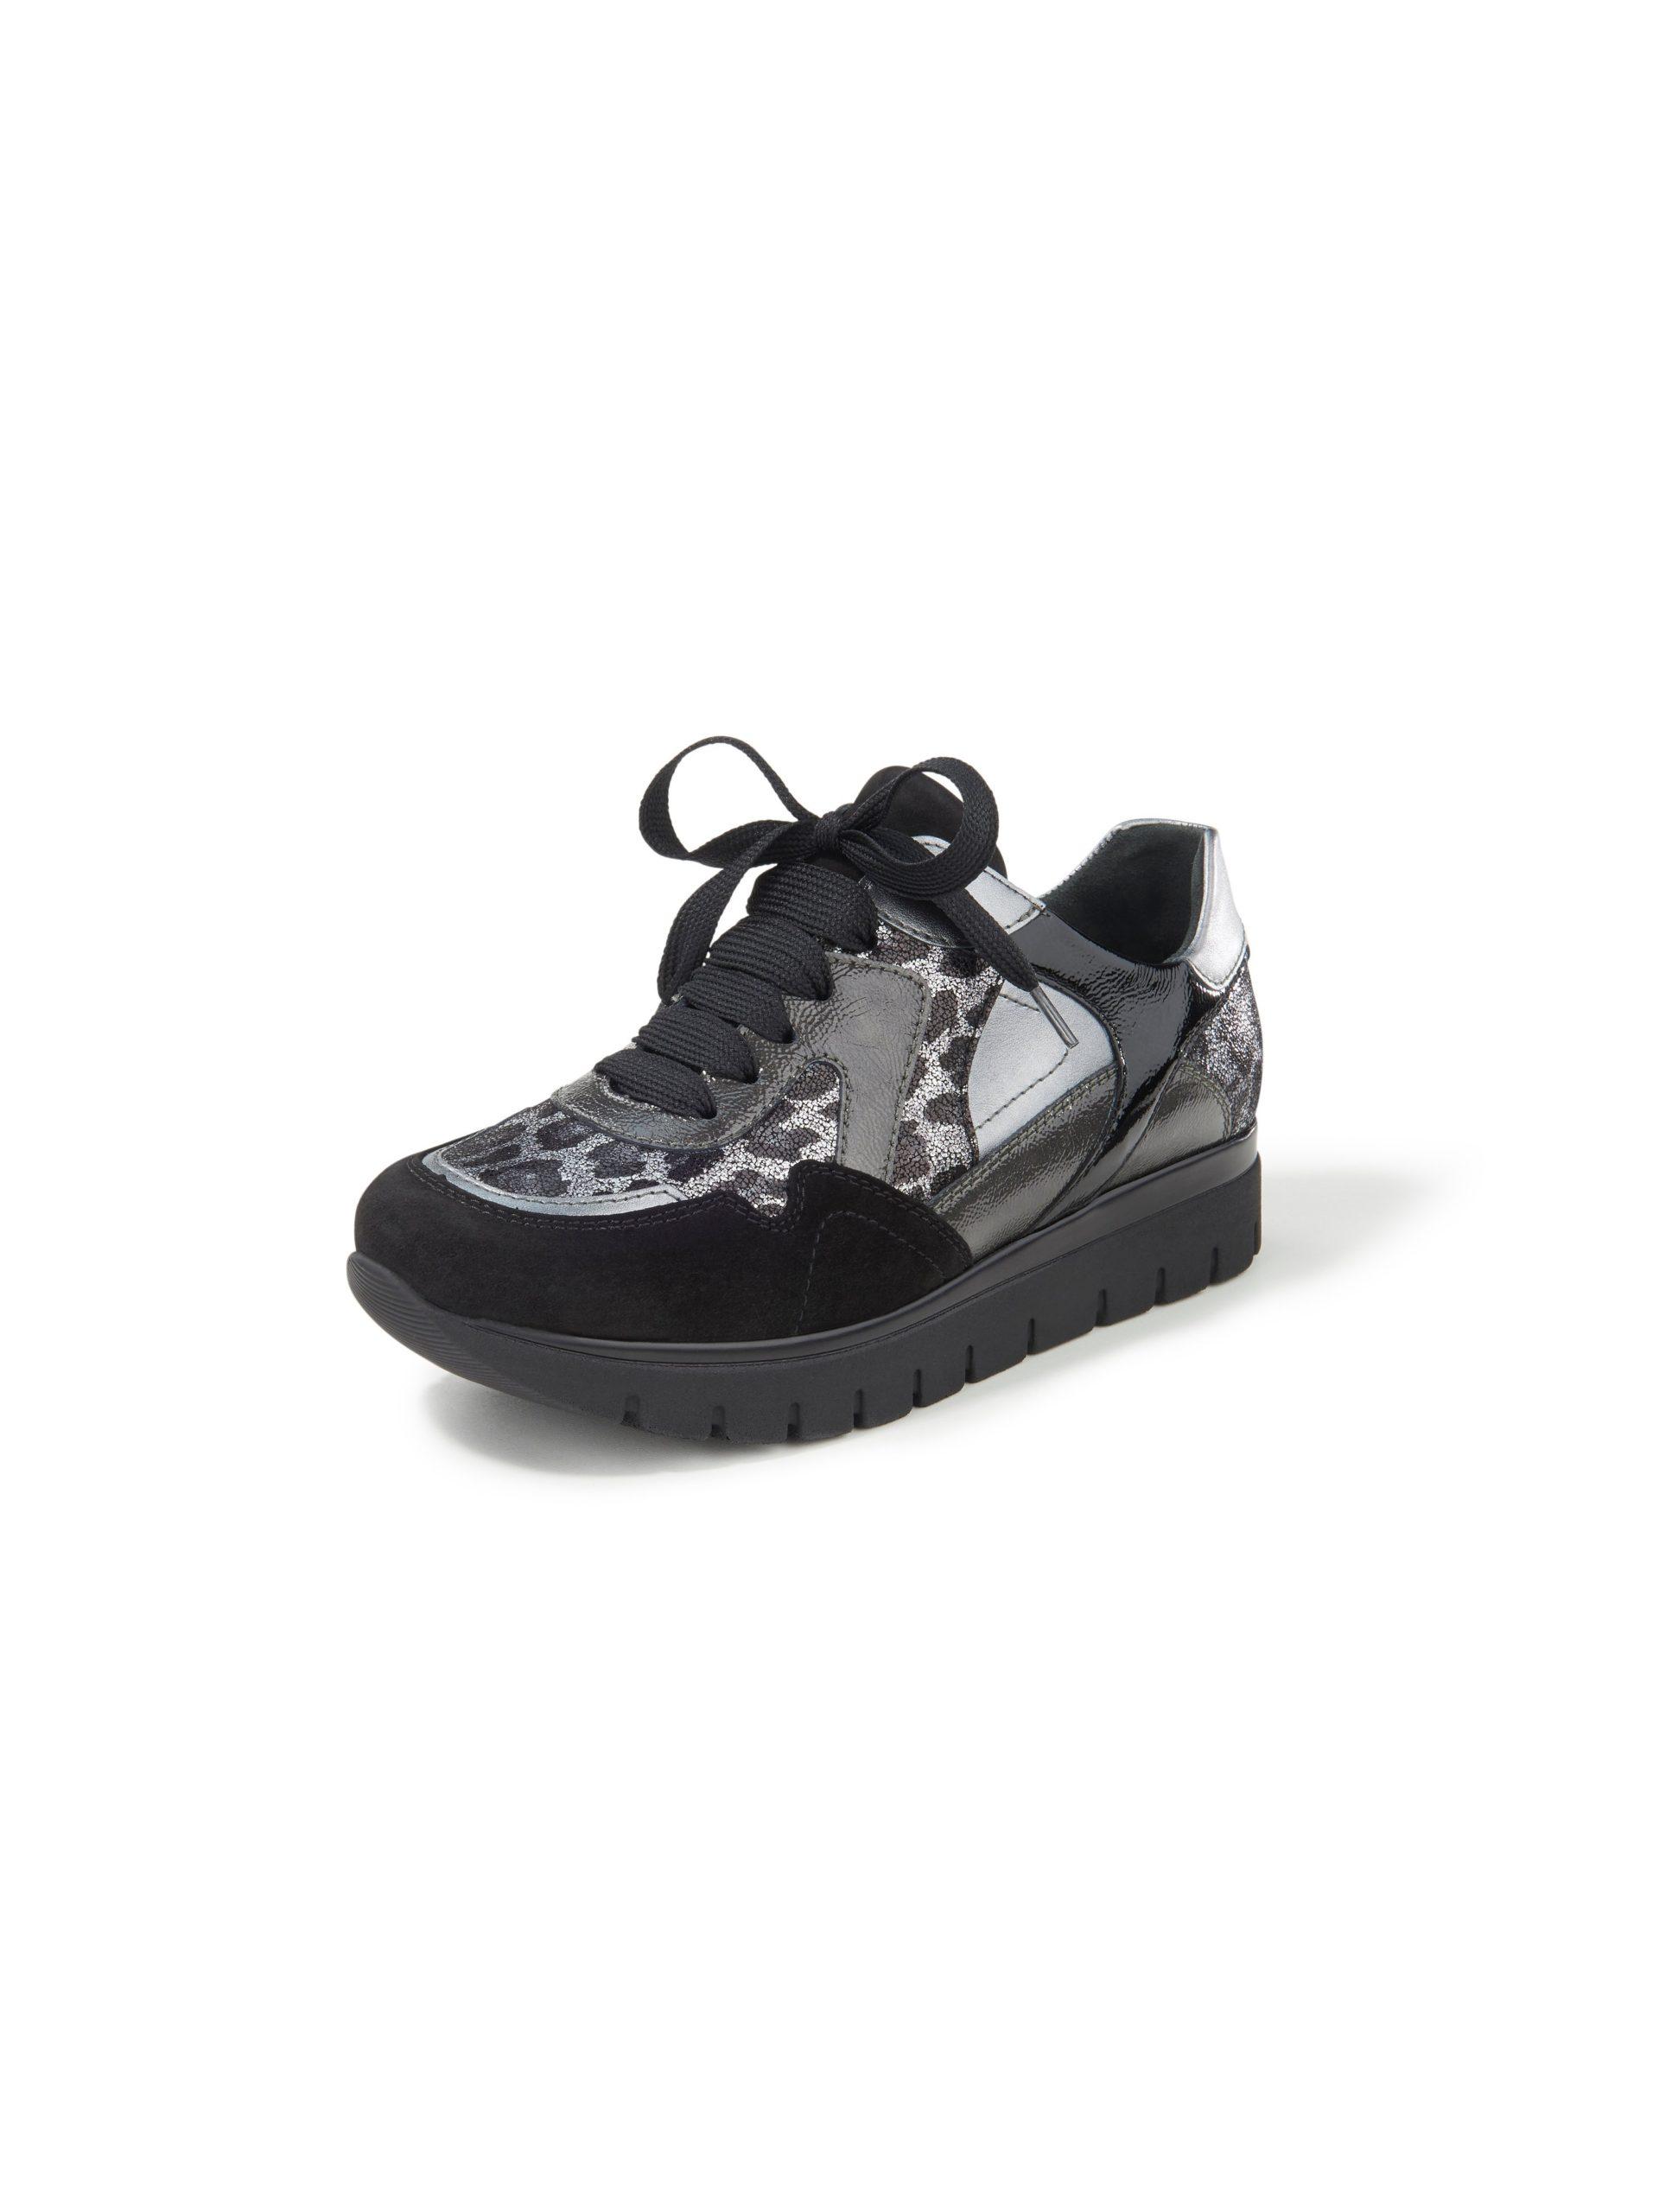 Sneakers Silvia met lakleren details Van Semler zwart Kopen